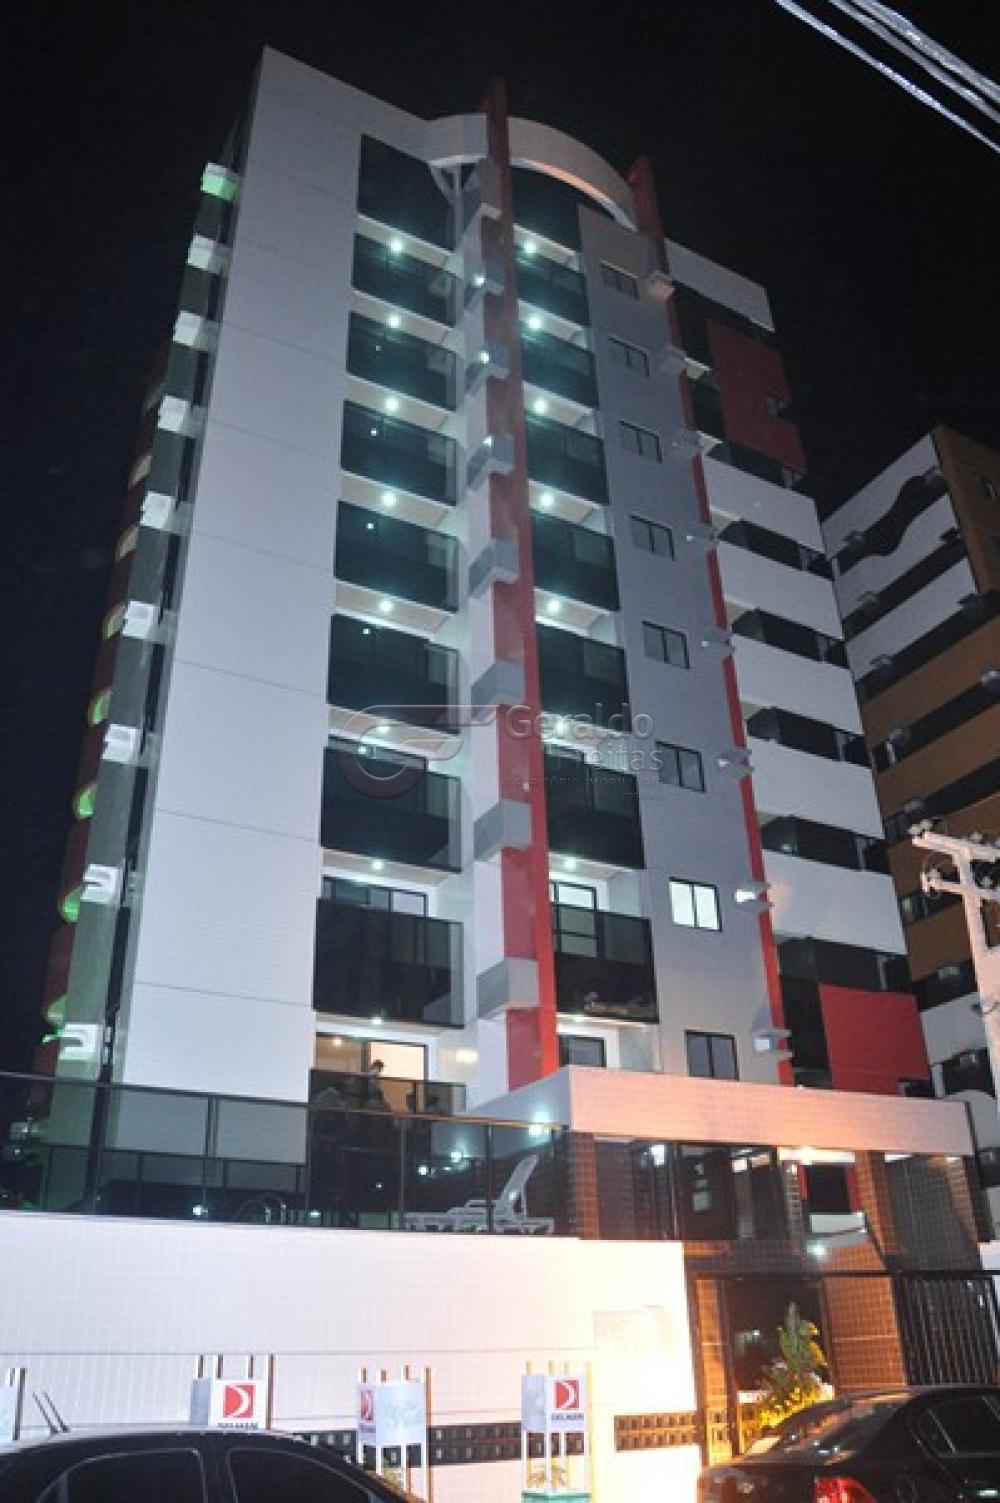 Comprar Apartamentos / Quarto Sala em Maceió apenas R$ 220.000,00 - Foto 11